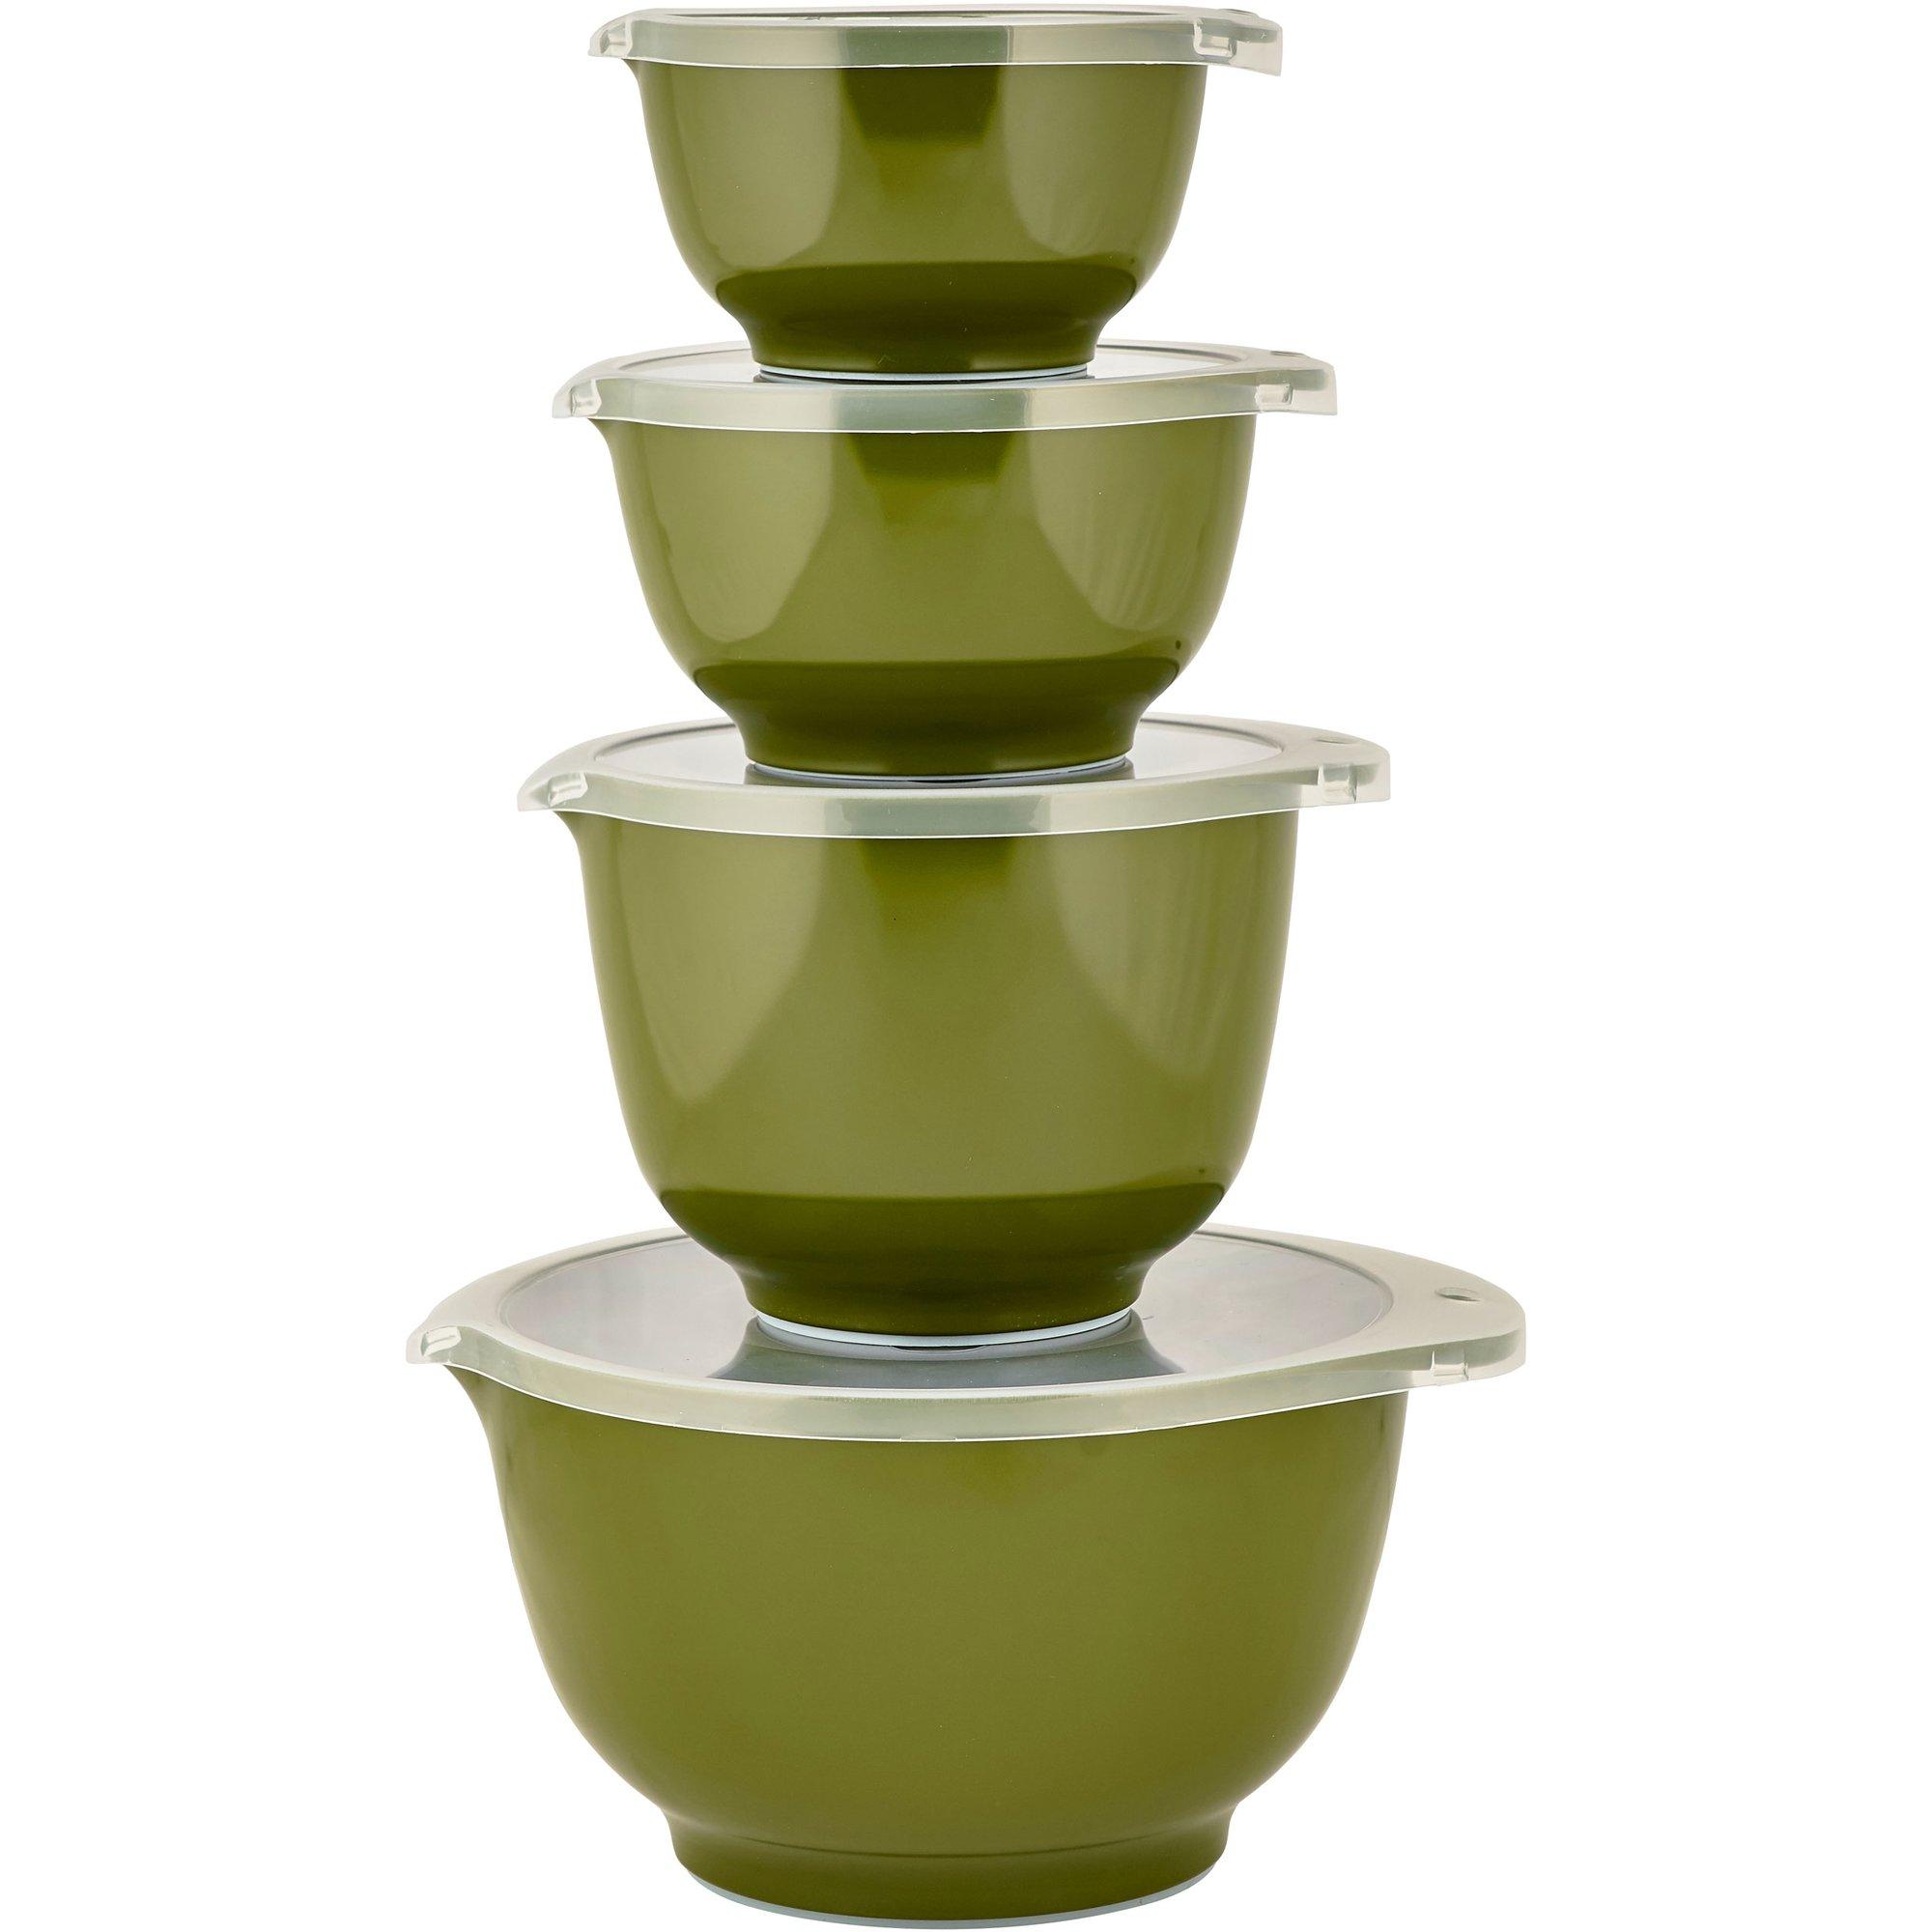 Rosti Mepal Skålset 8 delar Olivgrön